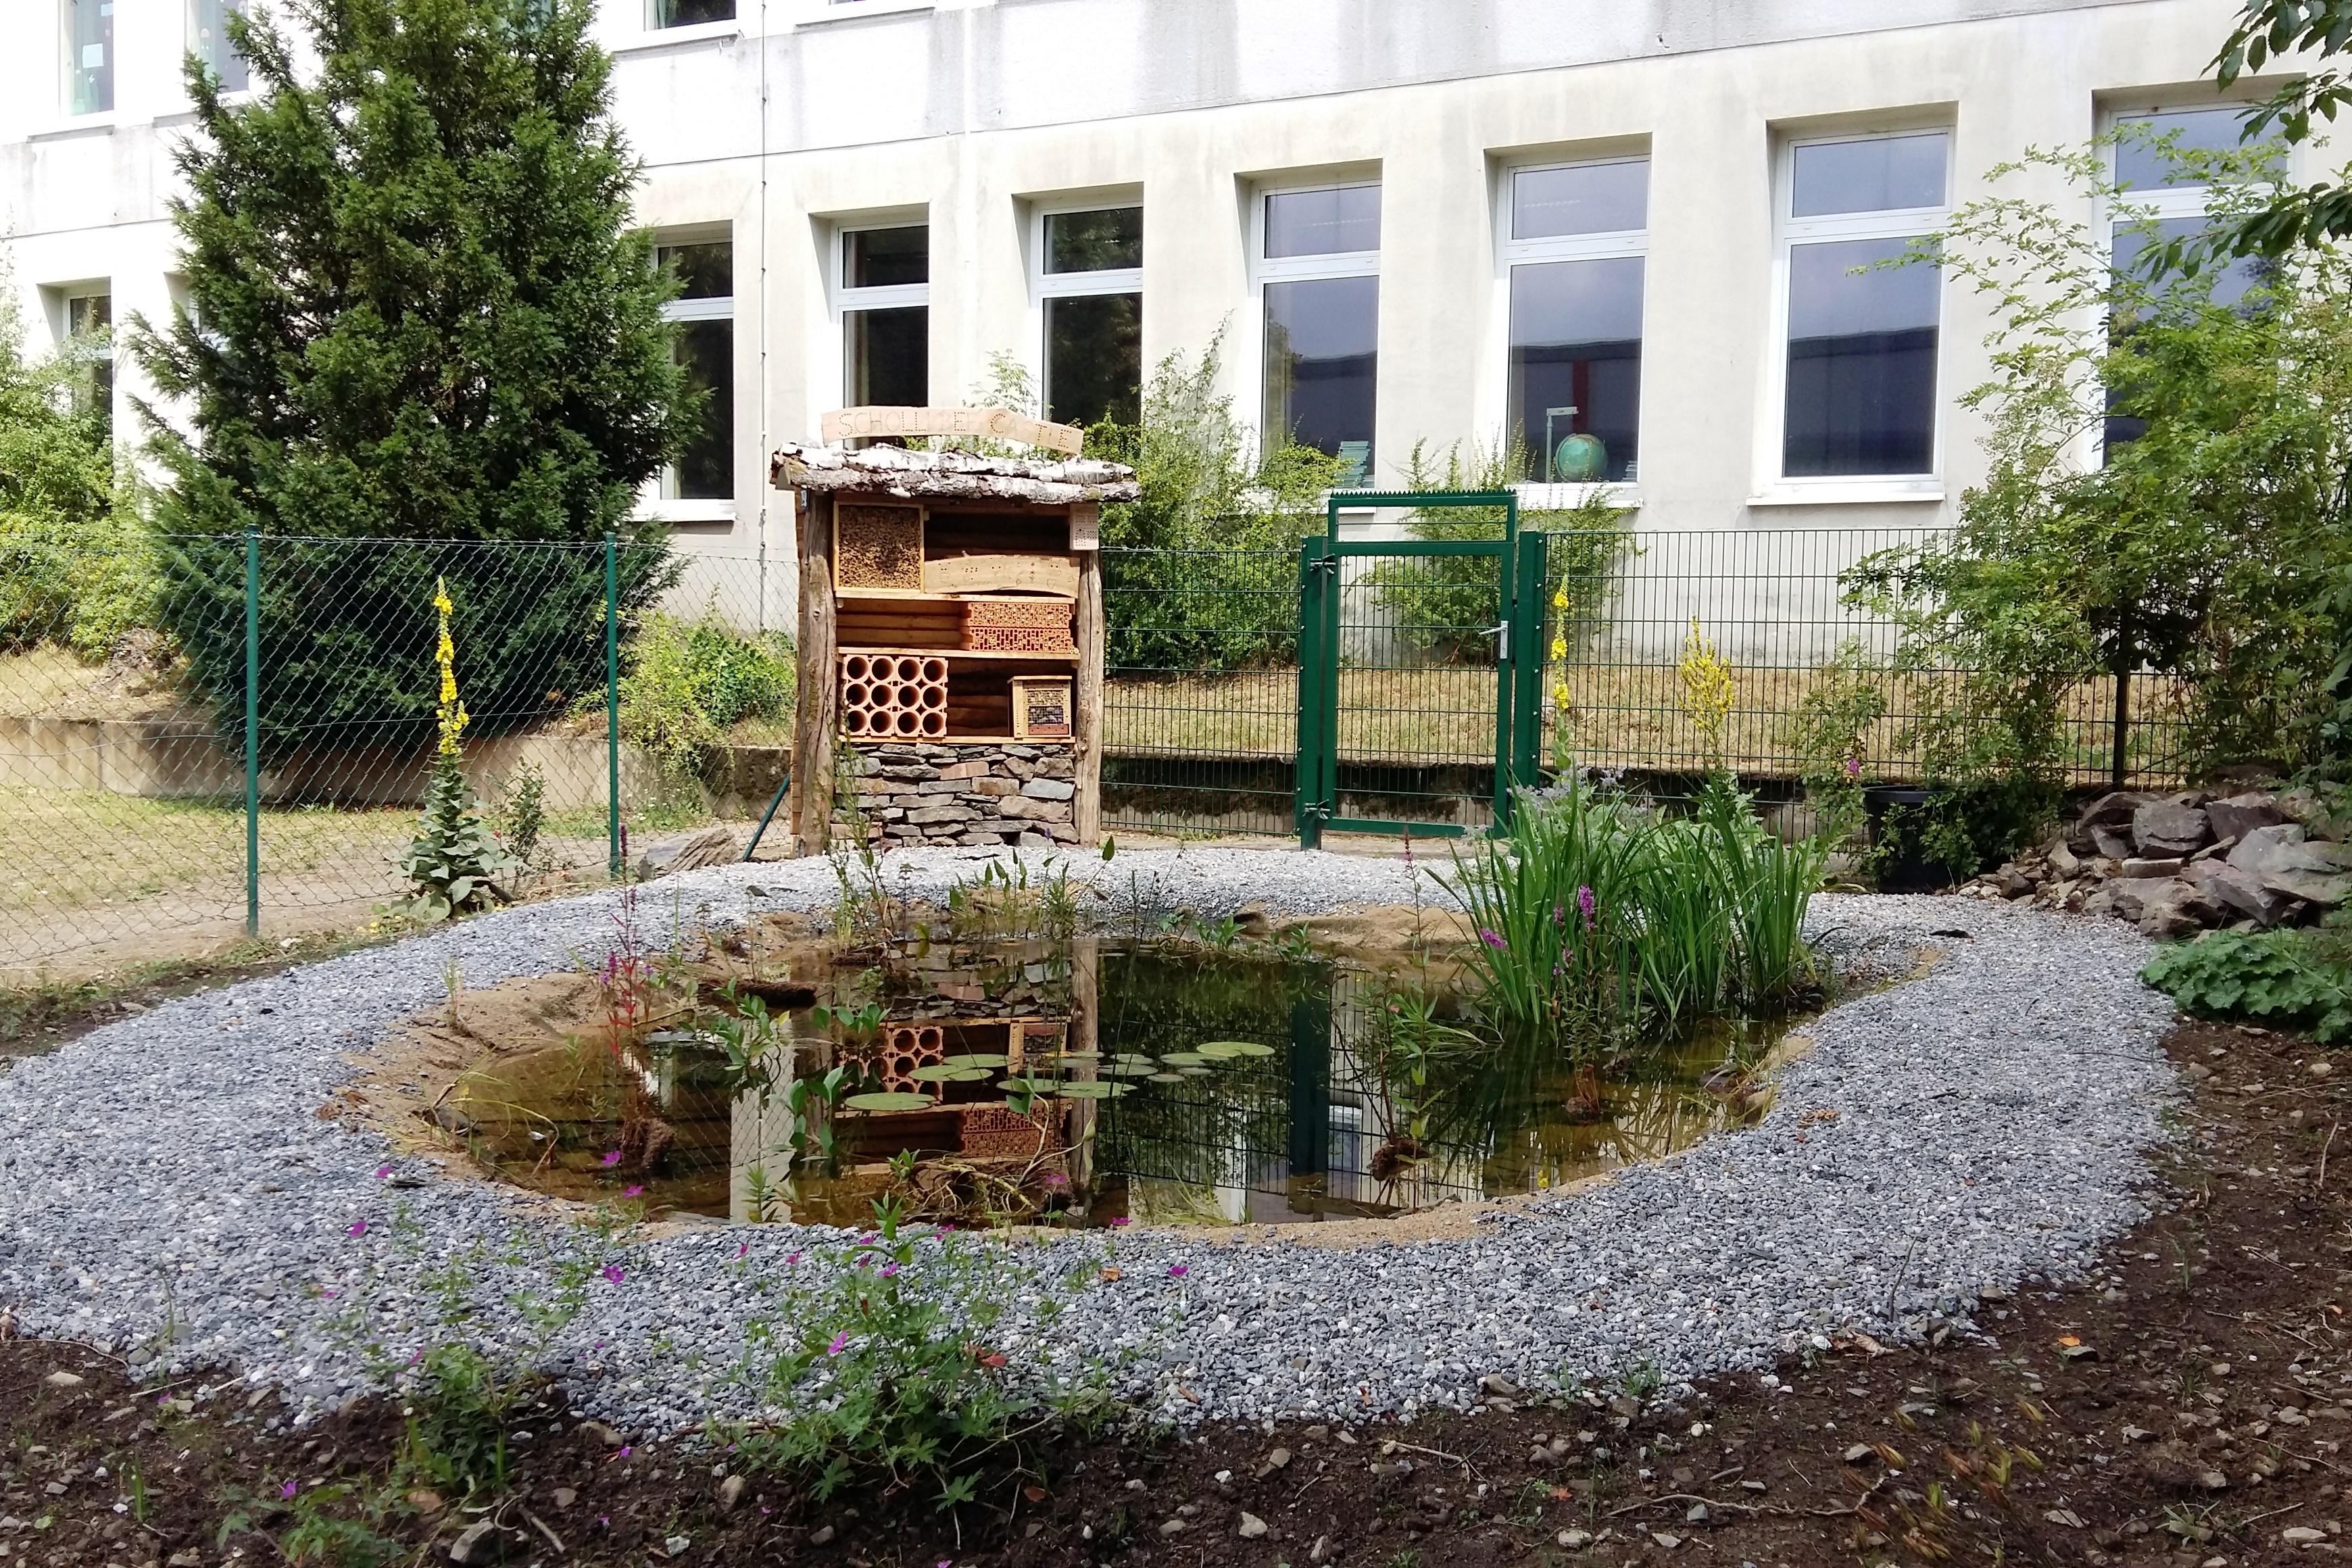 B1 Neuer Teich mit Wildbienenhotel